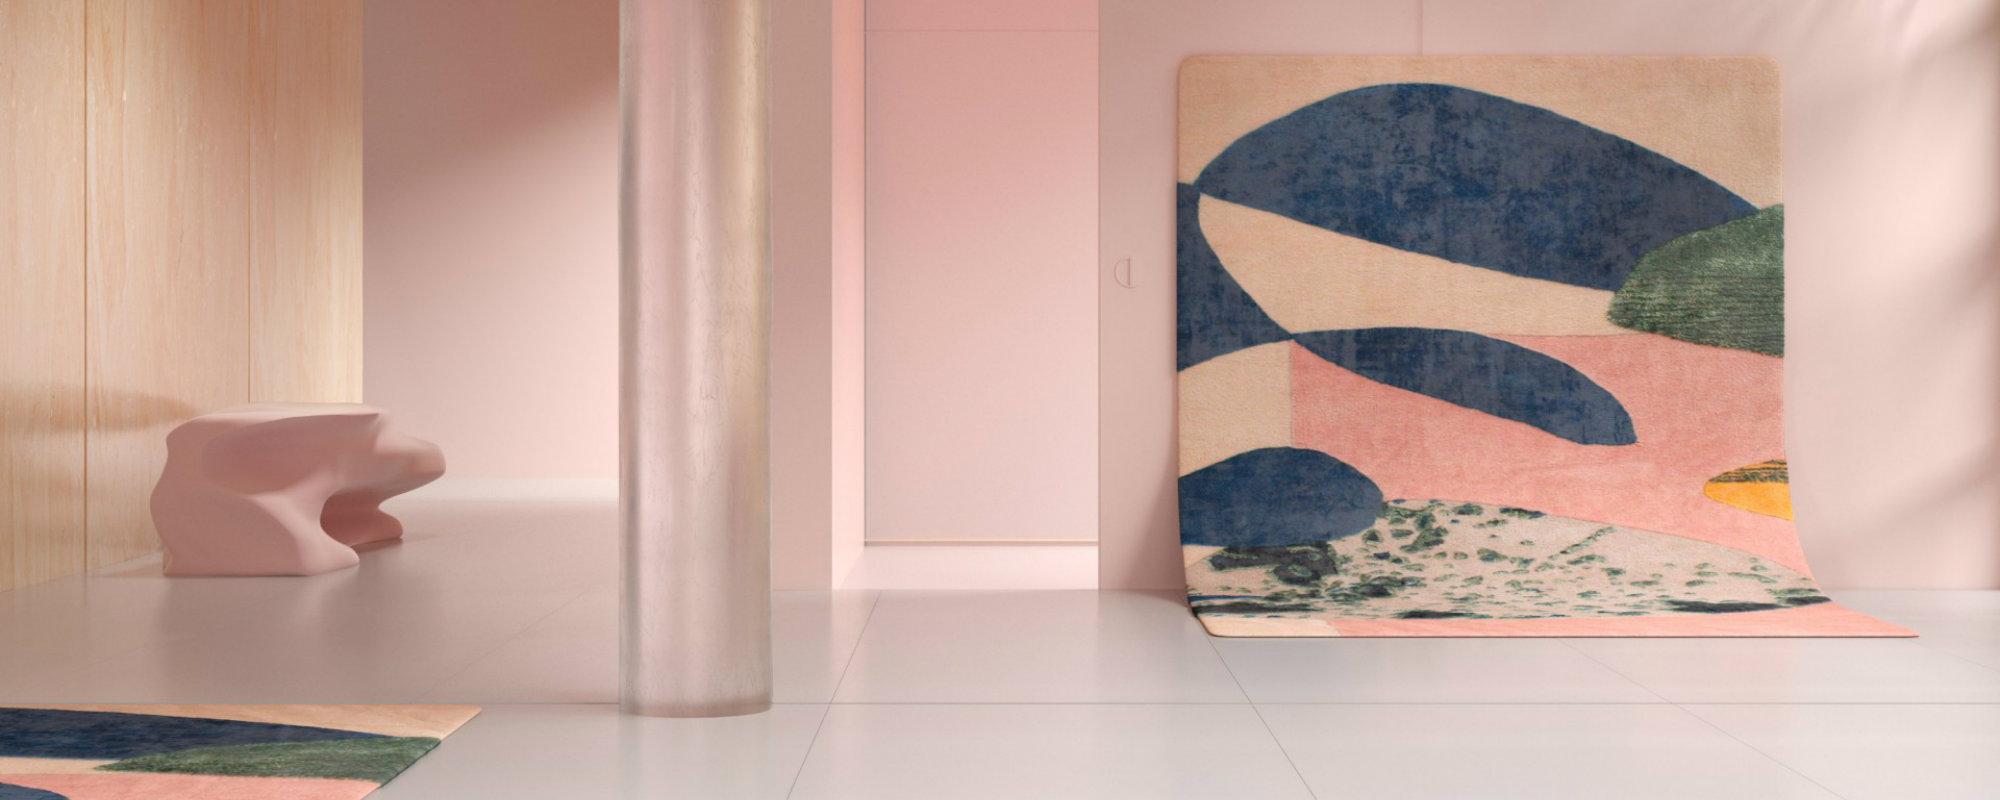 Ideas de Interiorismo: Interioristas de topo en Spain para un proyecto interioristas de lujo Interioristas de lujo: Ideas de interiorismo en España para proyectos Featured 4